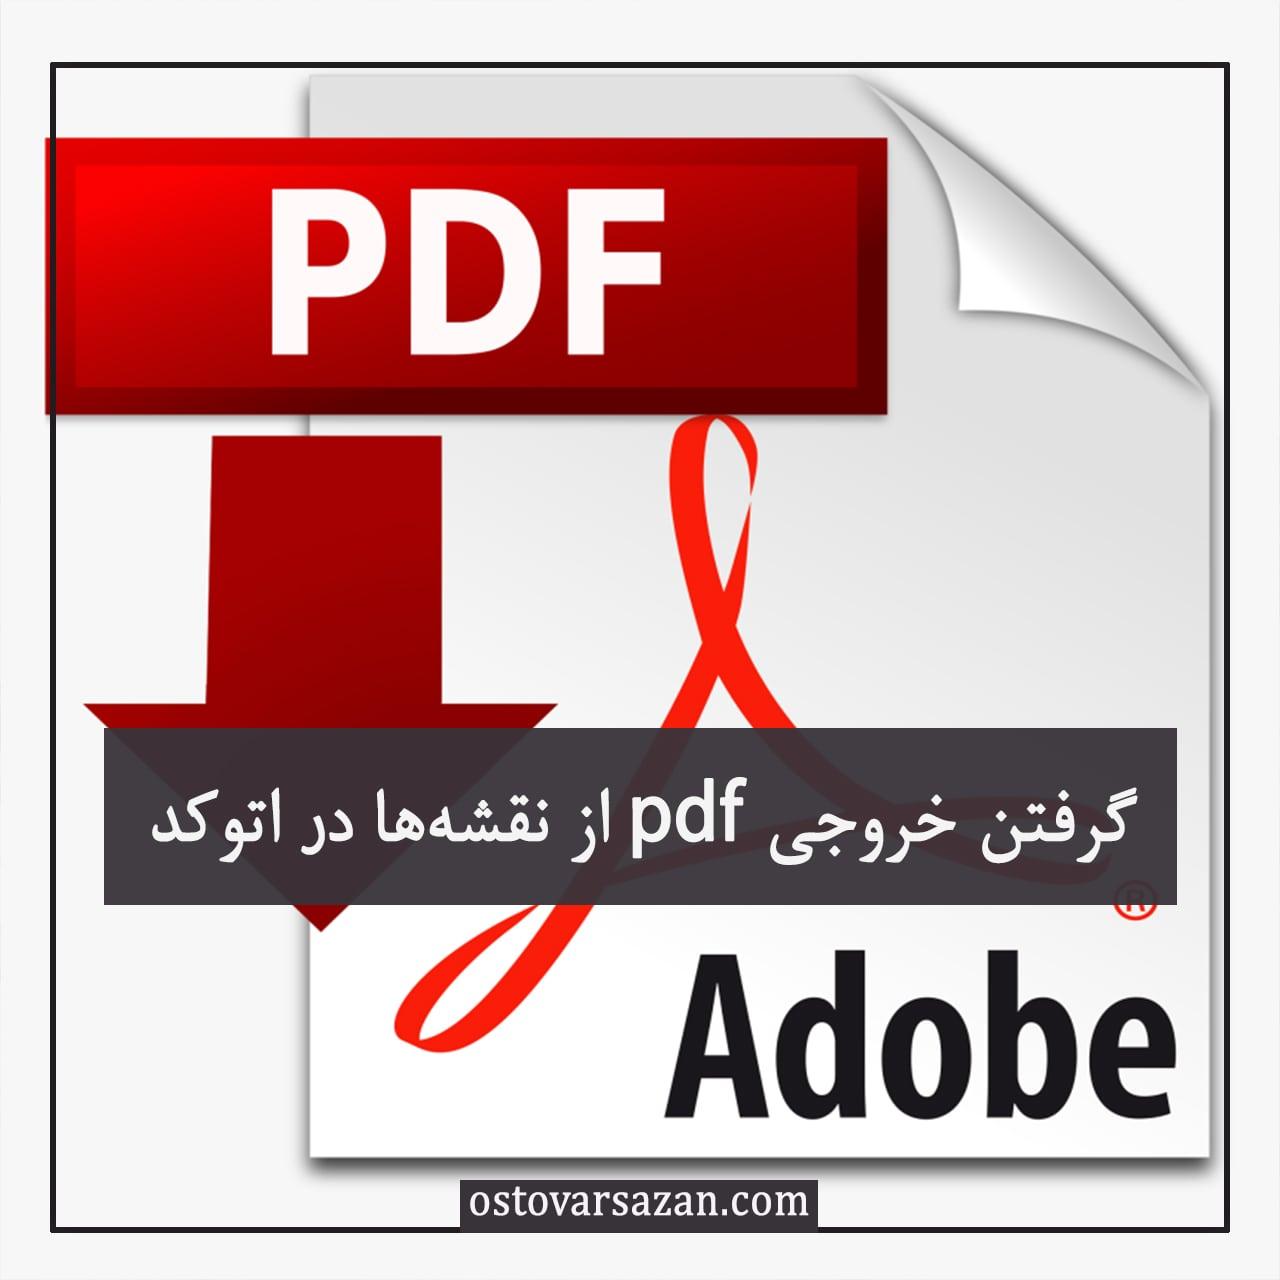 pdf در اتوکد - استوارسازان